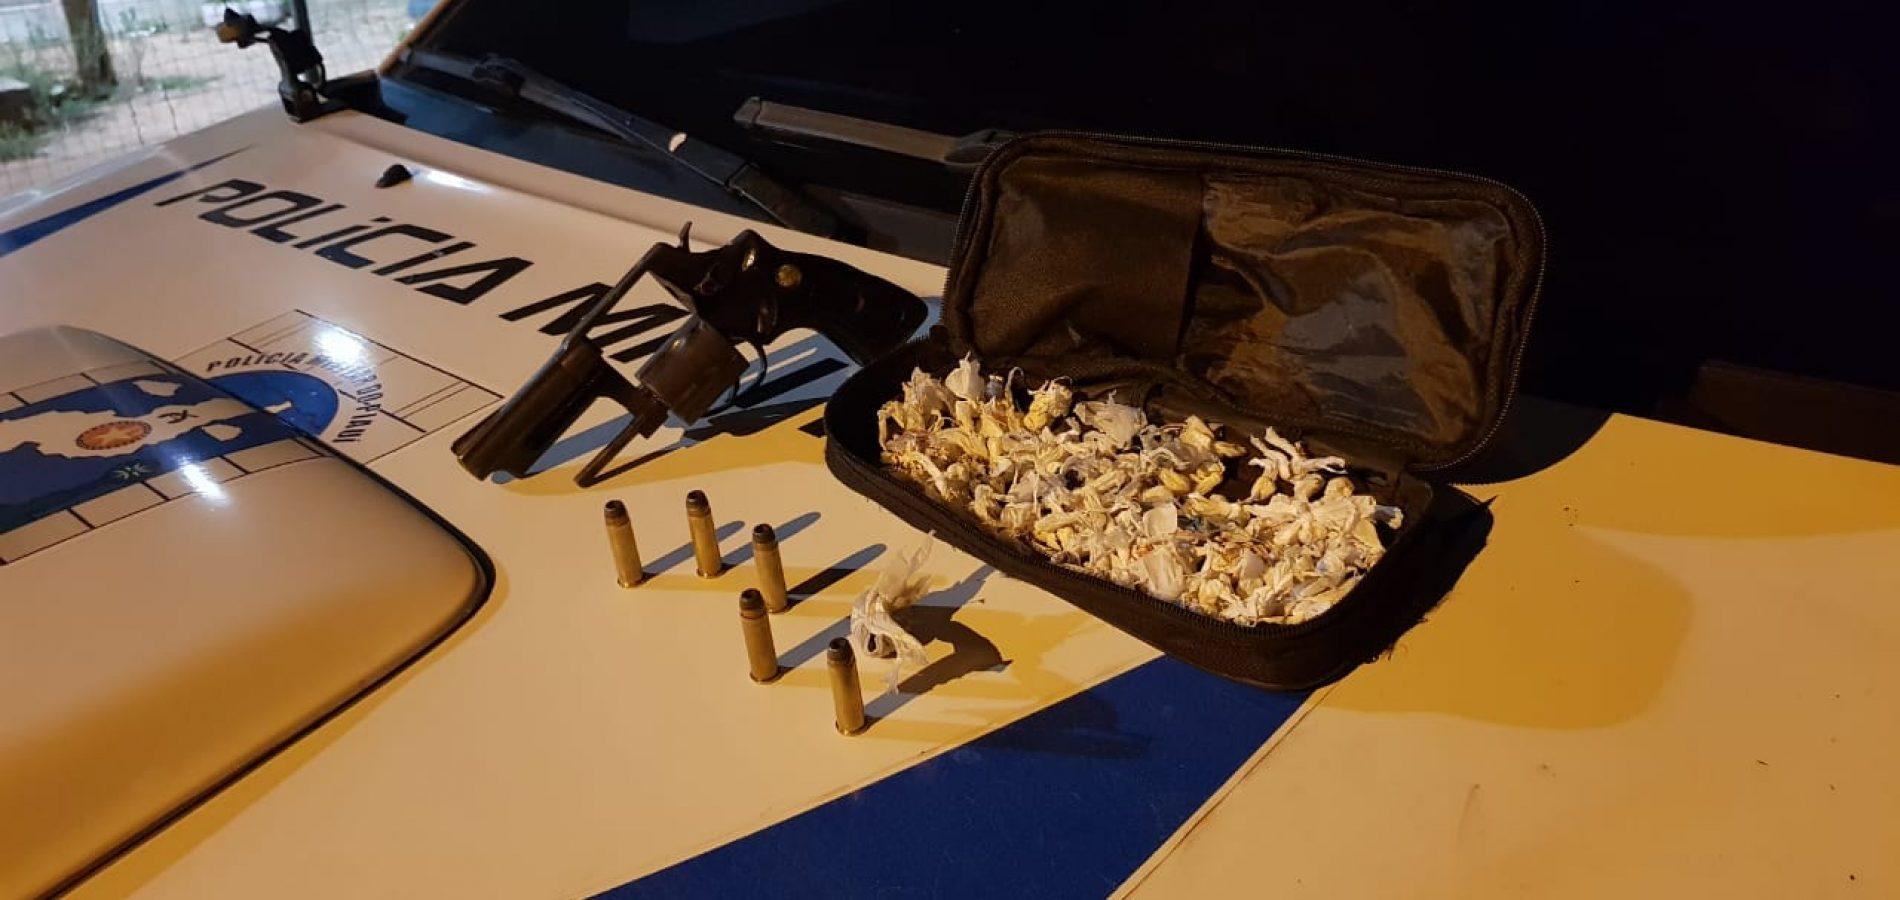 PM apreende droga e arma de fogo durante Operação no Piauí